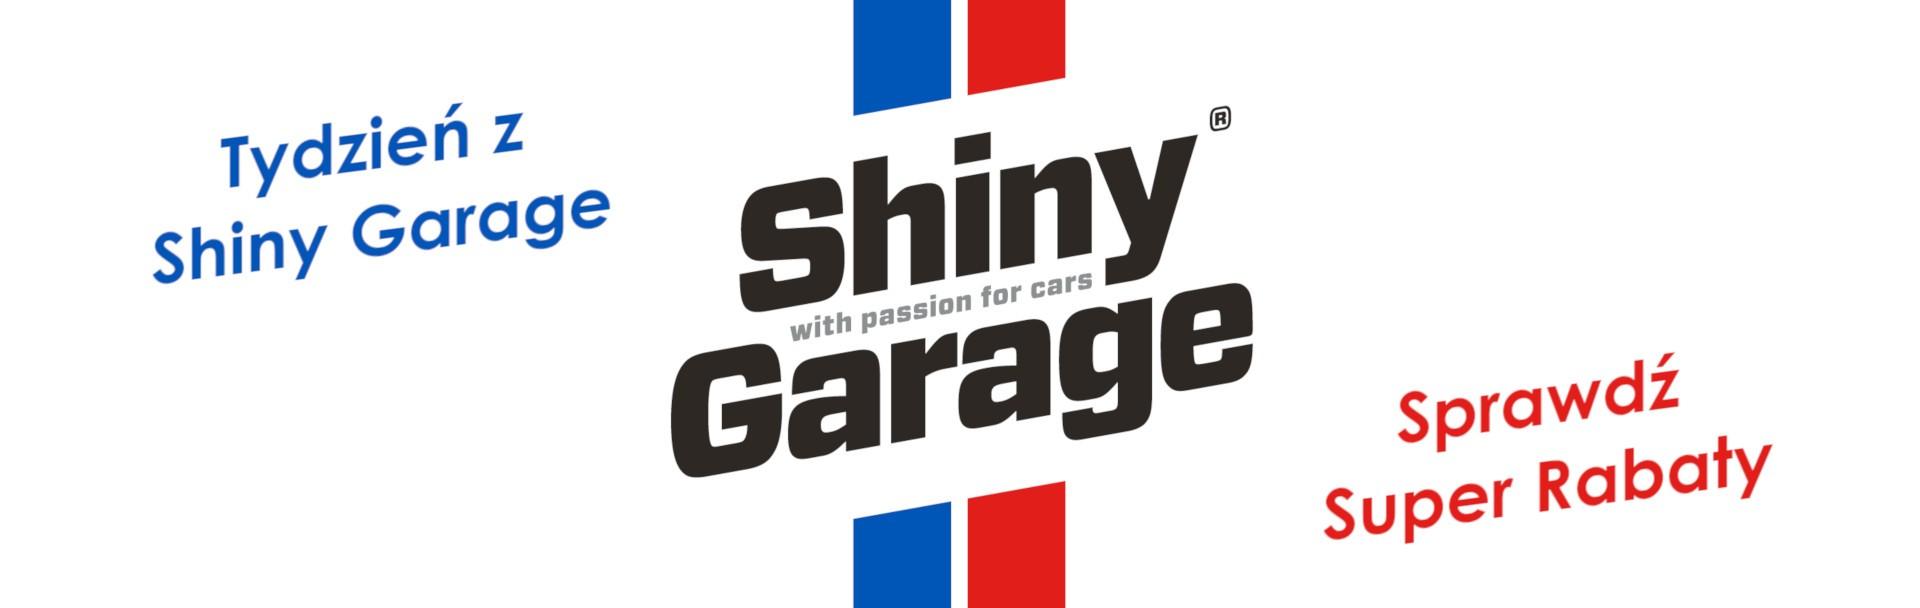 Shiny Garage Promo